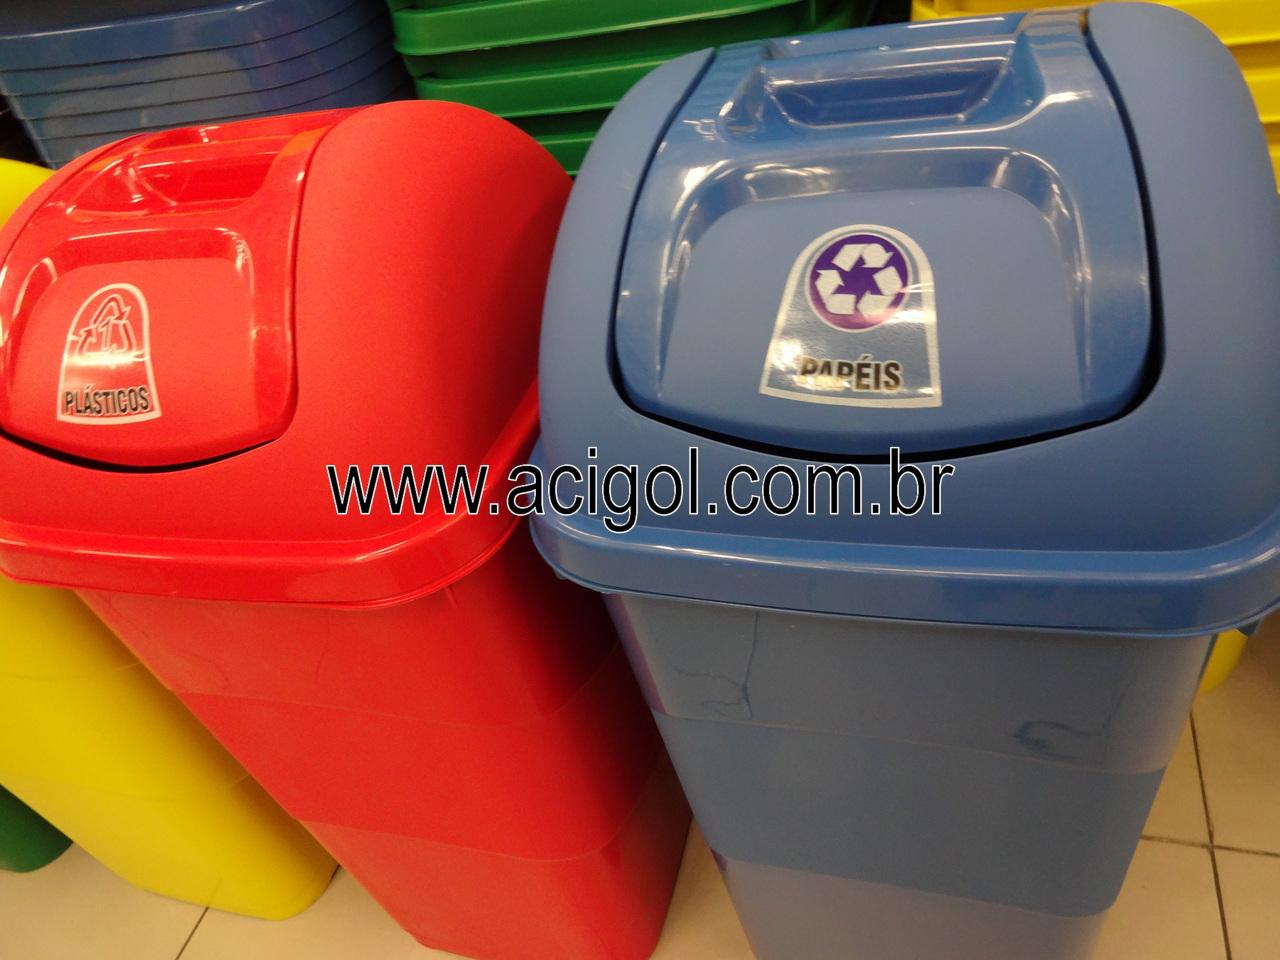 lixeira basculante 60L-acigol recife-DSC01879